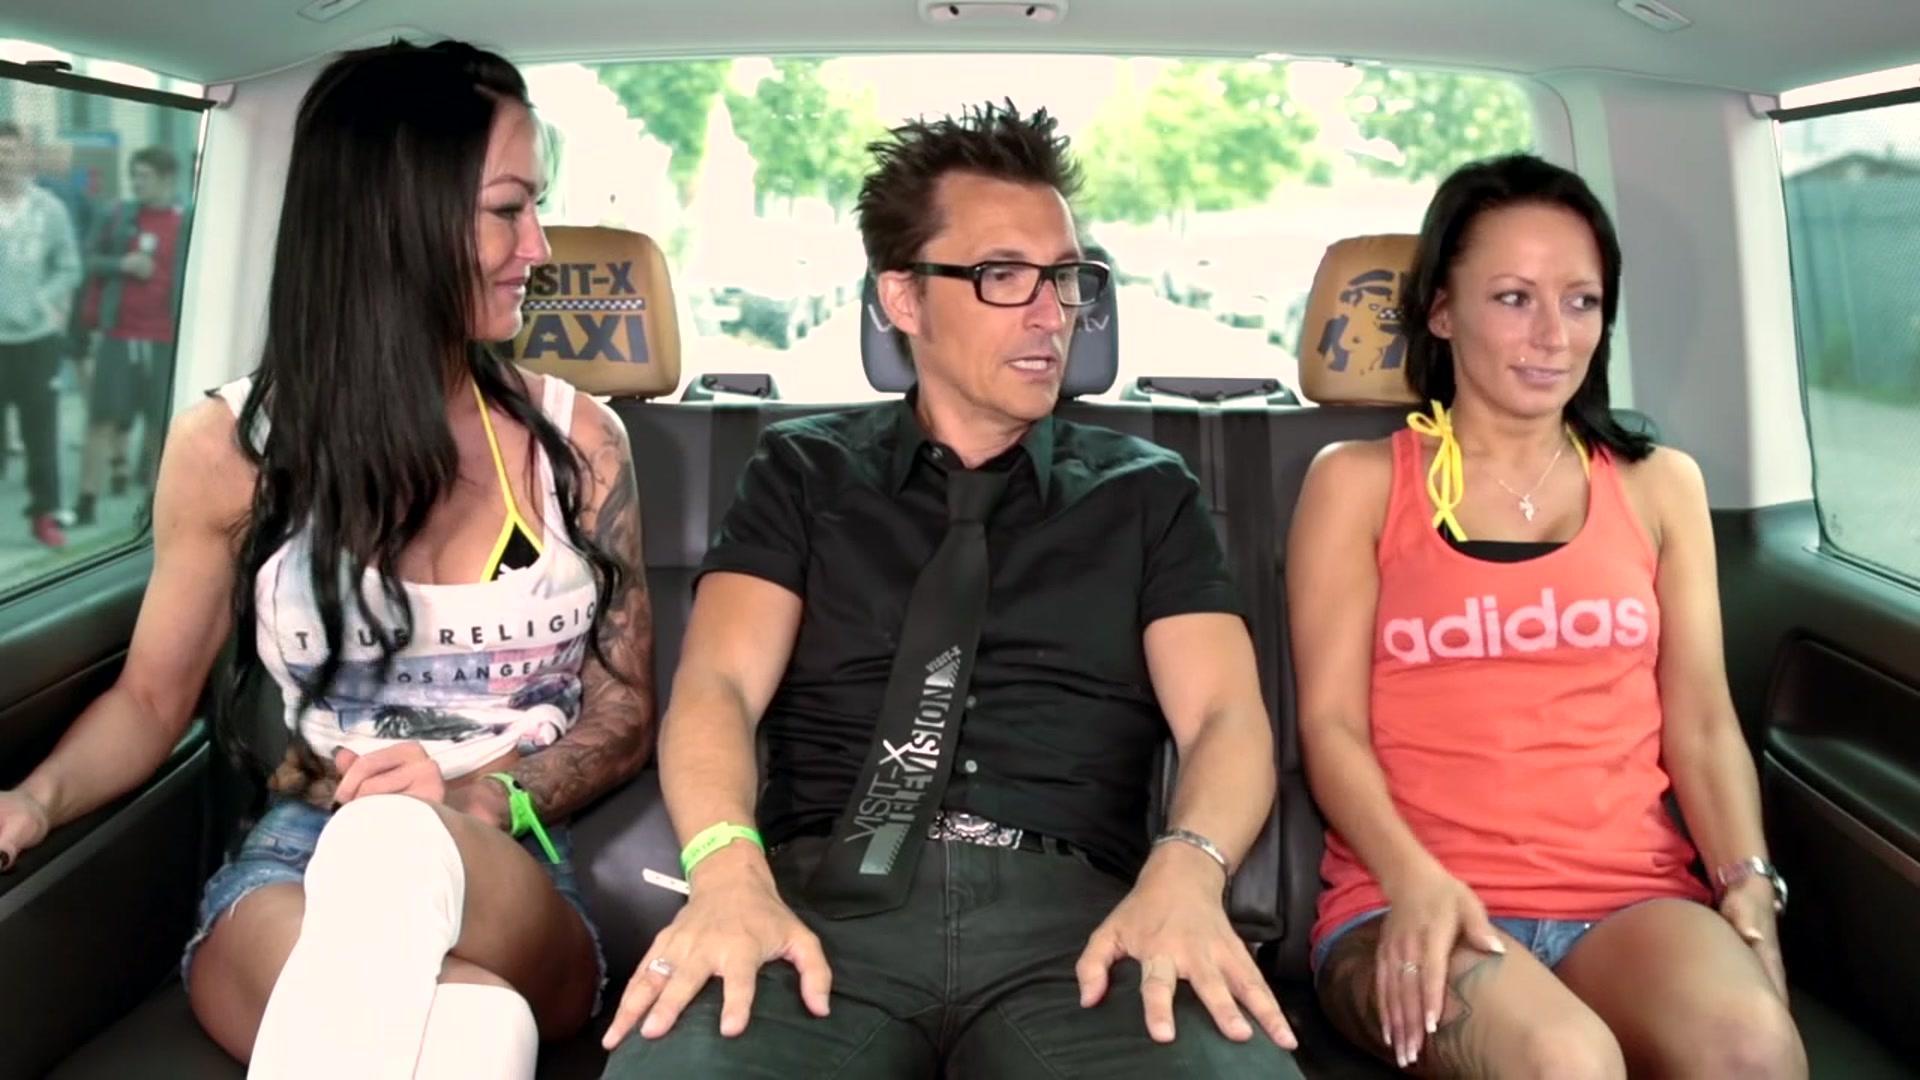 Amazon.de: VISIT-X Taxi - Best of ansehen | Prime Video